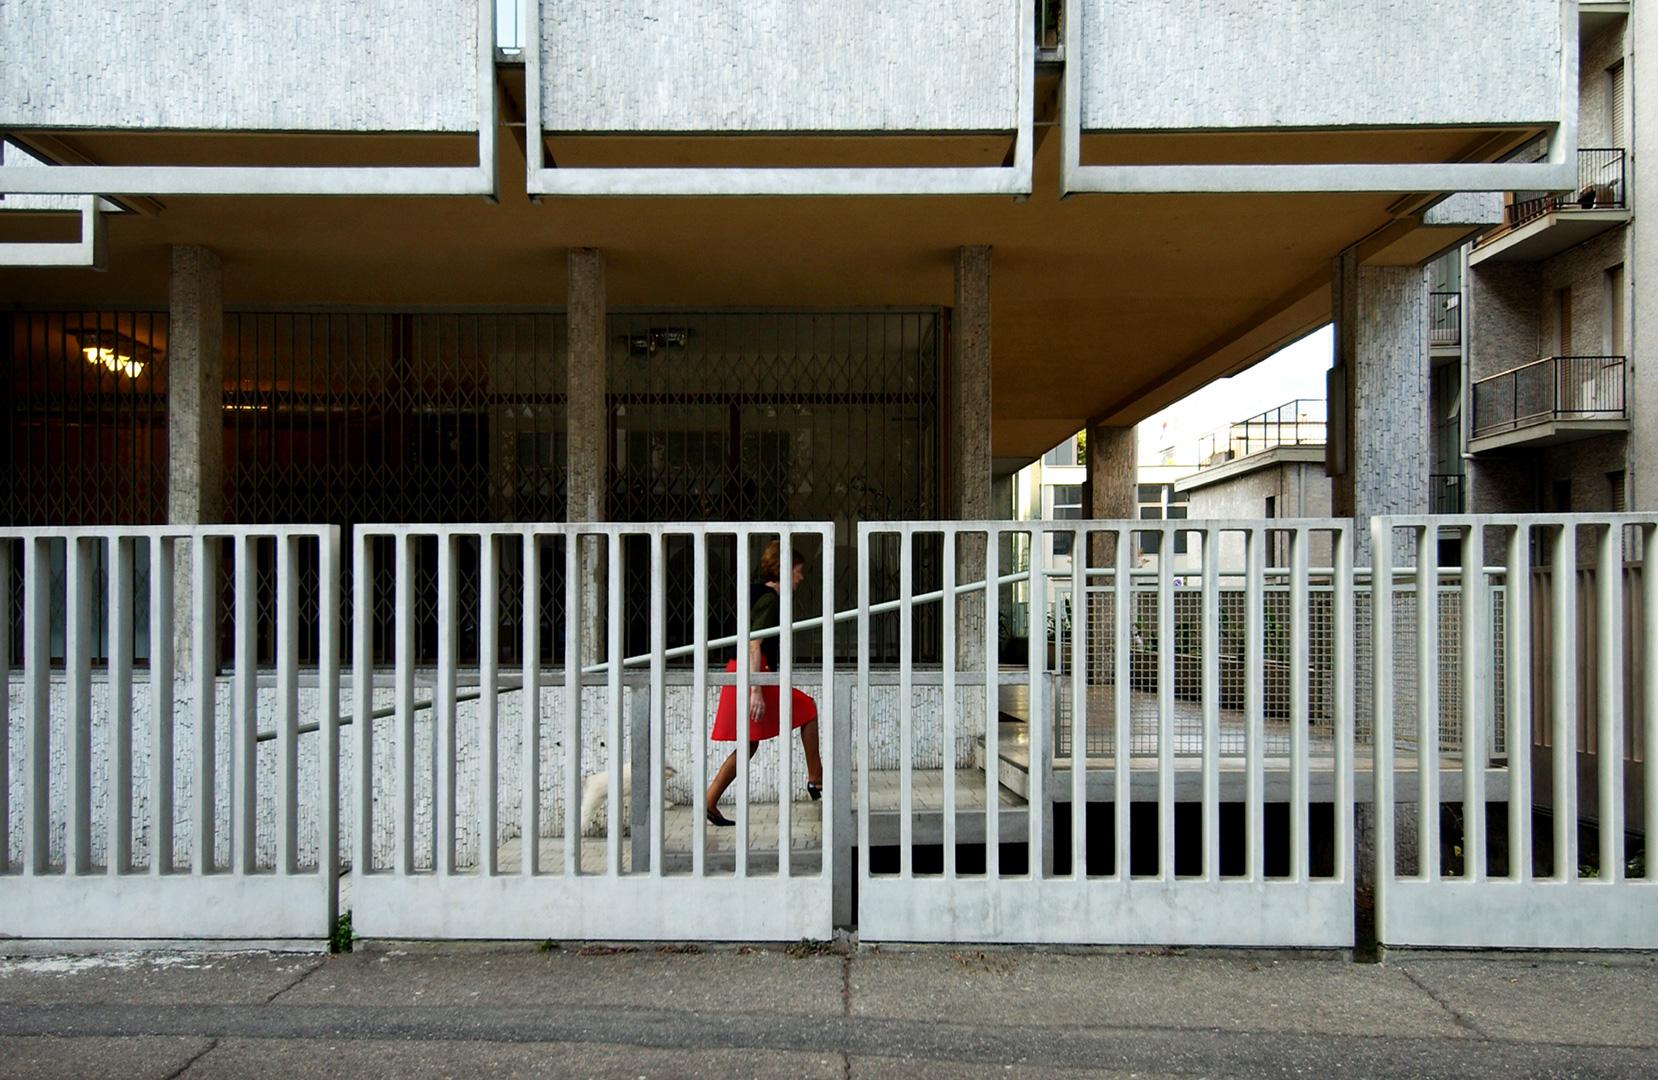 casa-giuliani-frigerio_09_DSC_4301